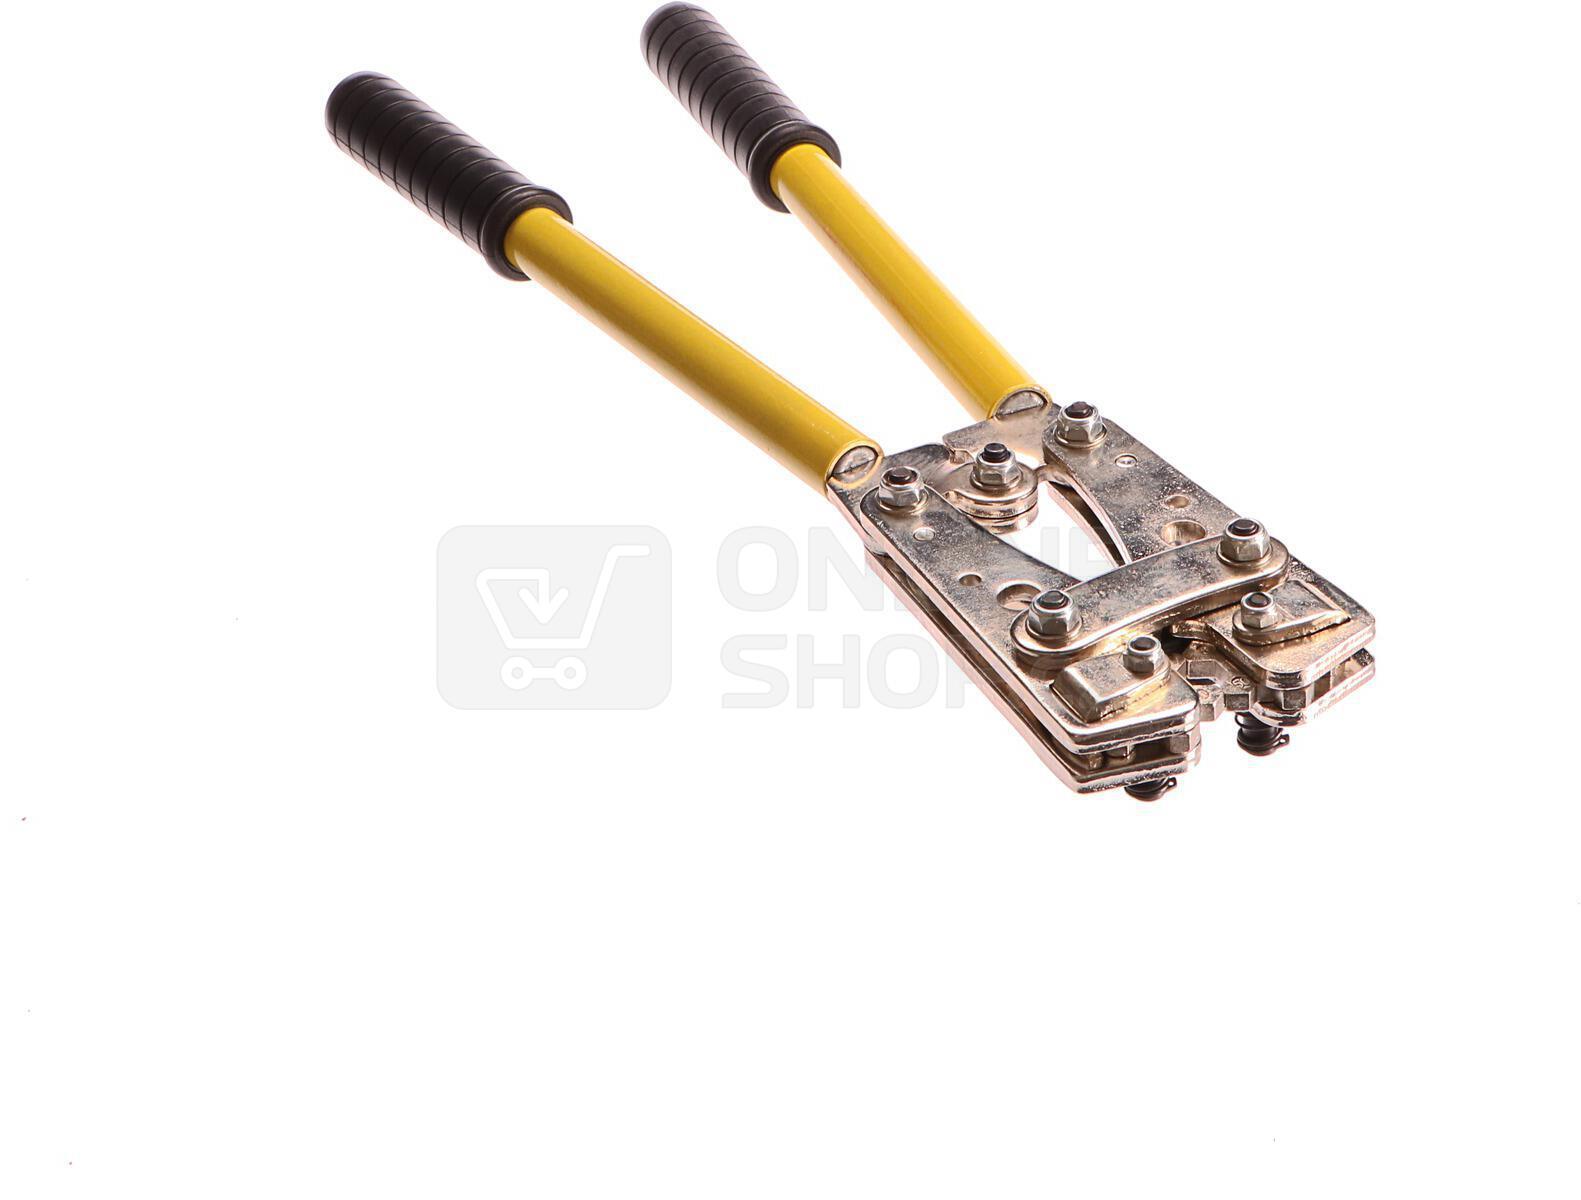 Krimpovací kleště na kabelová oka, 6-50mm2 GEKO